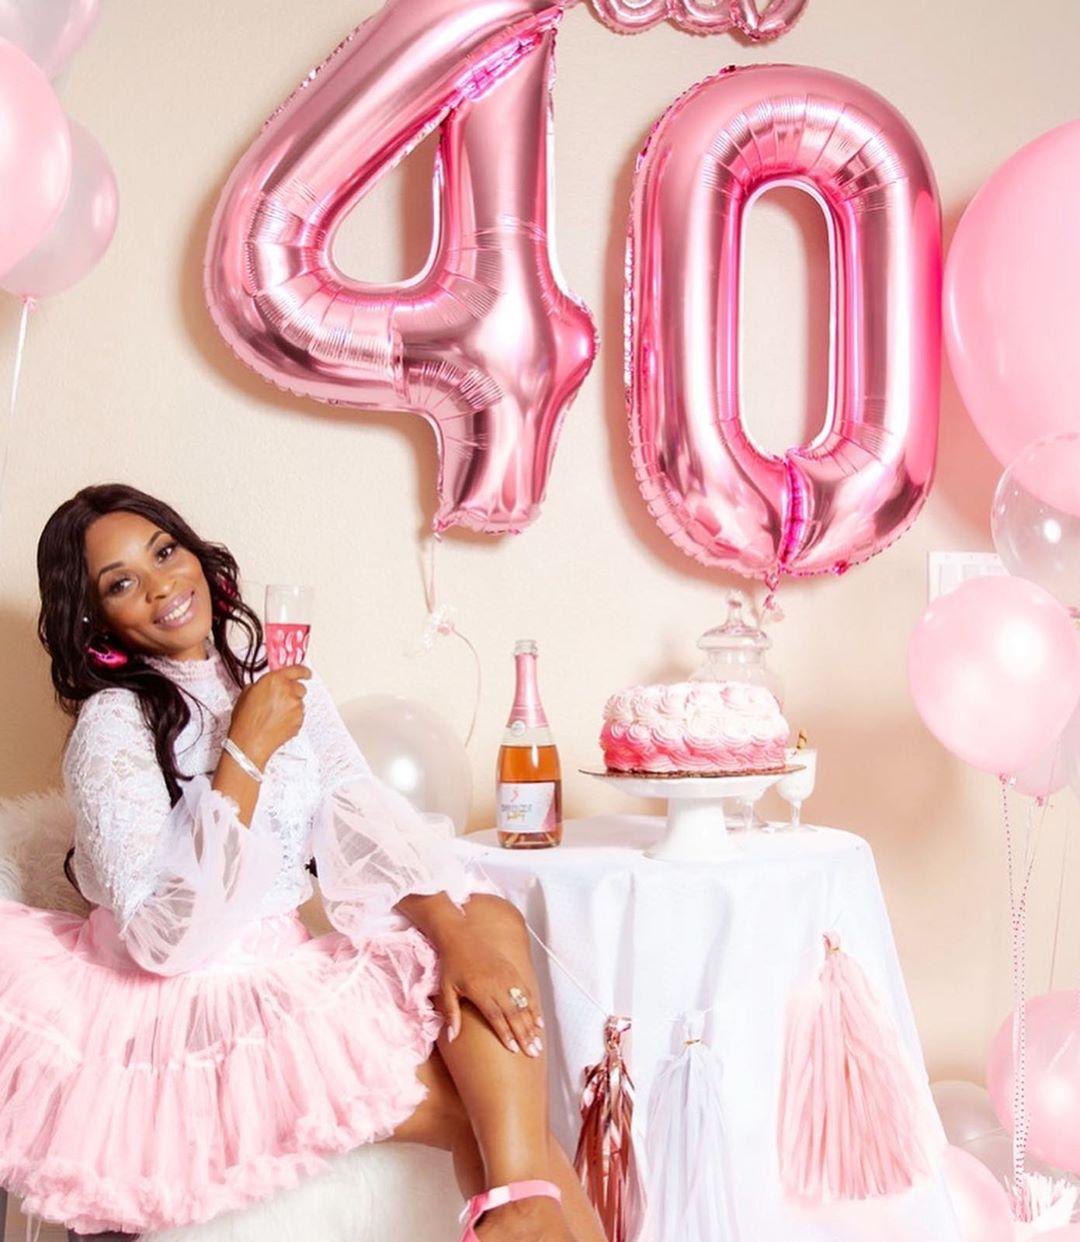 georgina onuoha celebrates